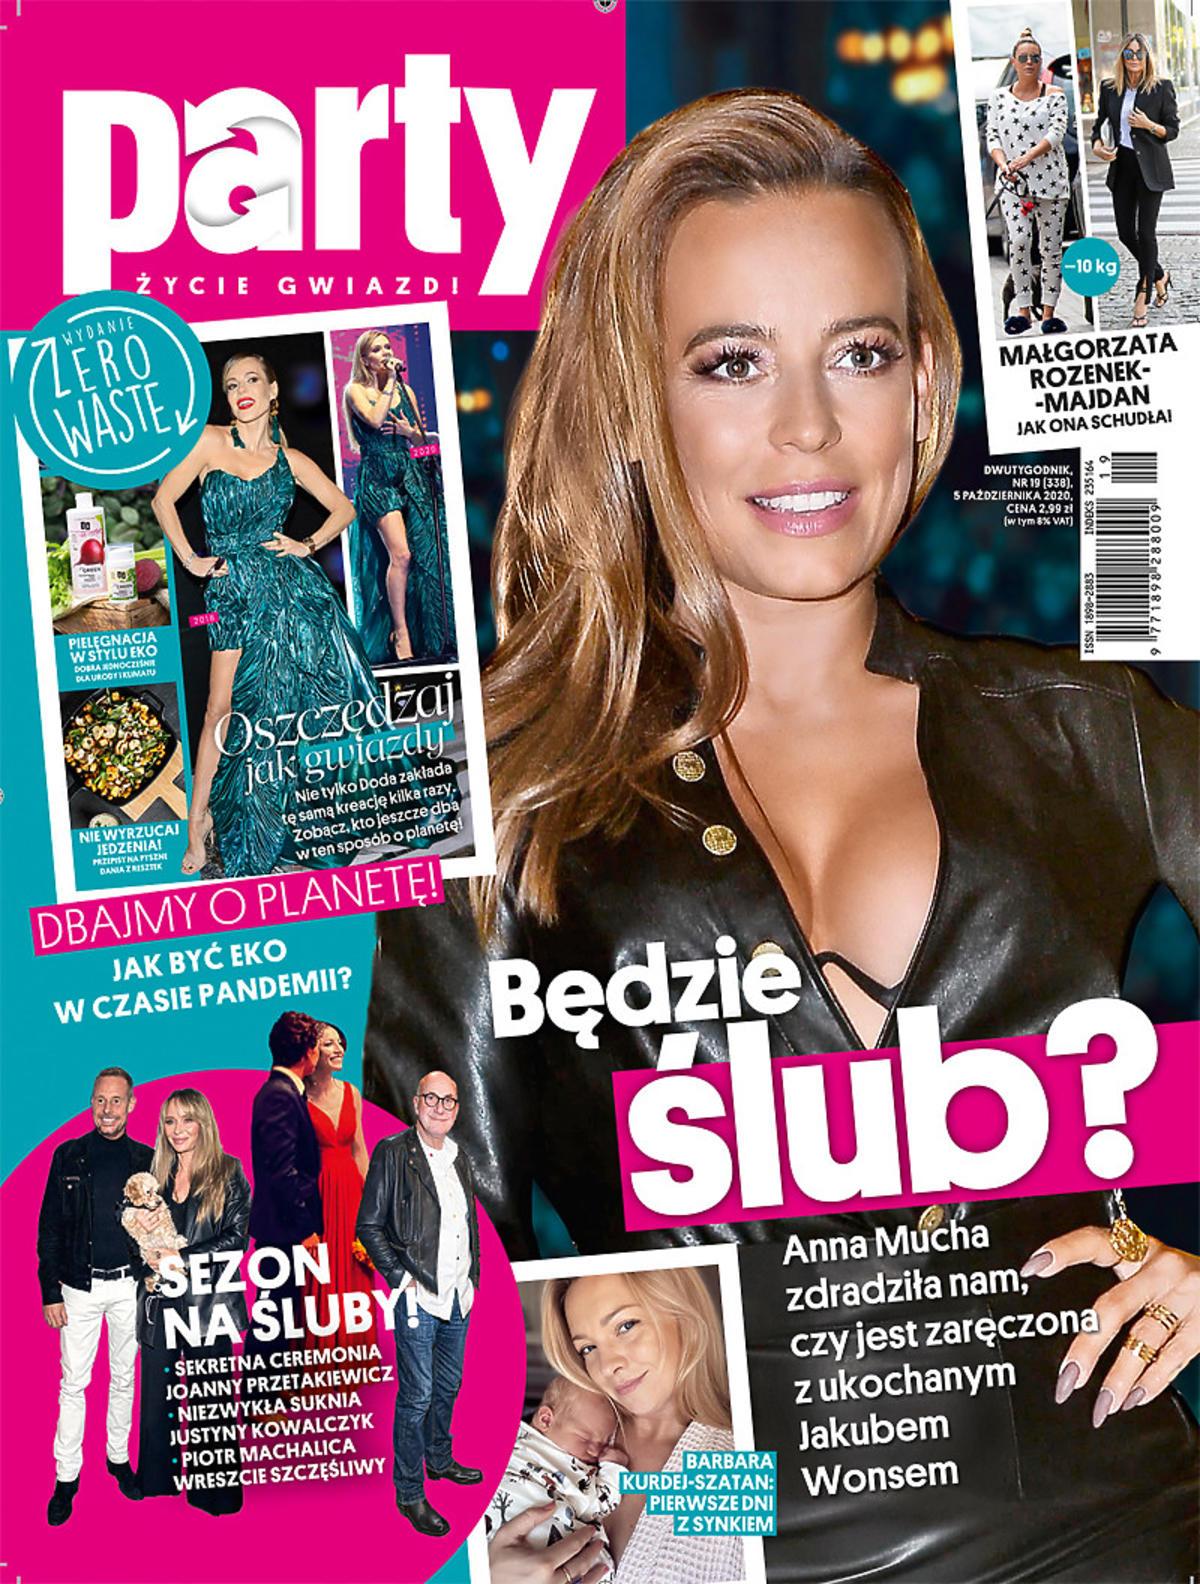 Anna Mucha bierze ślub? Nowa okładka Party